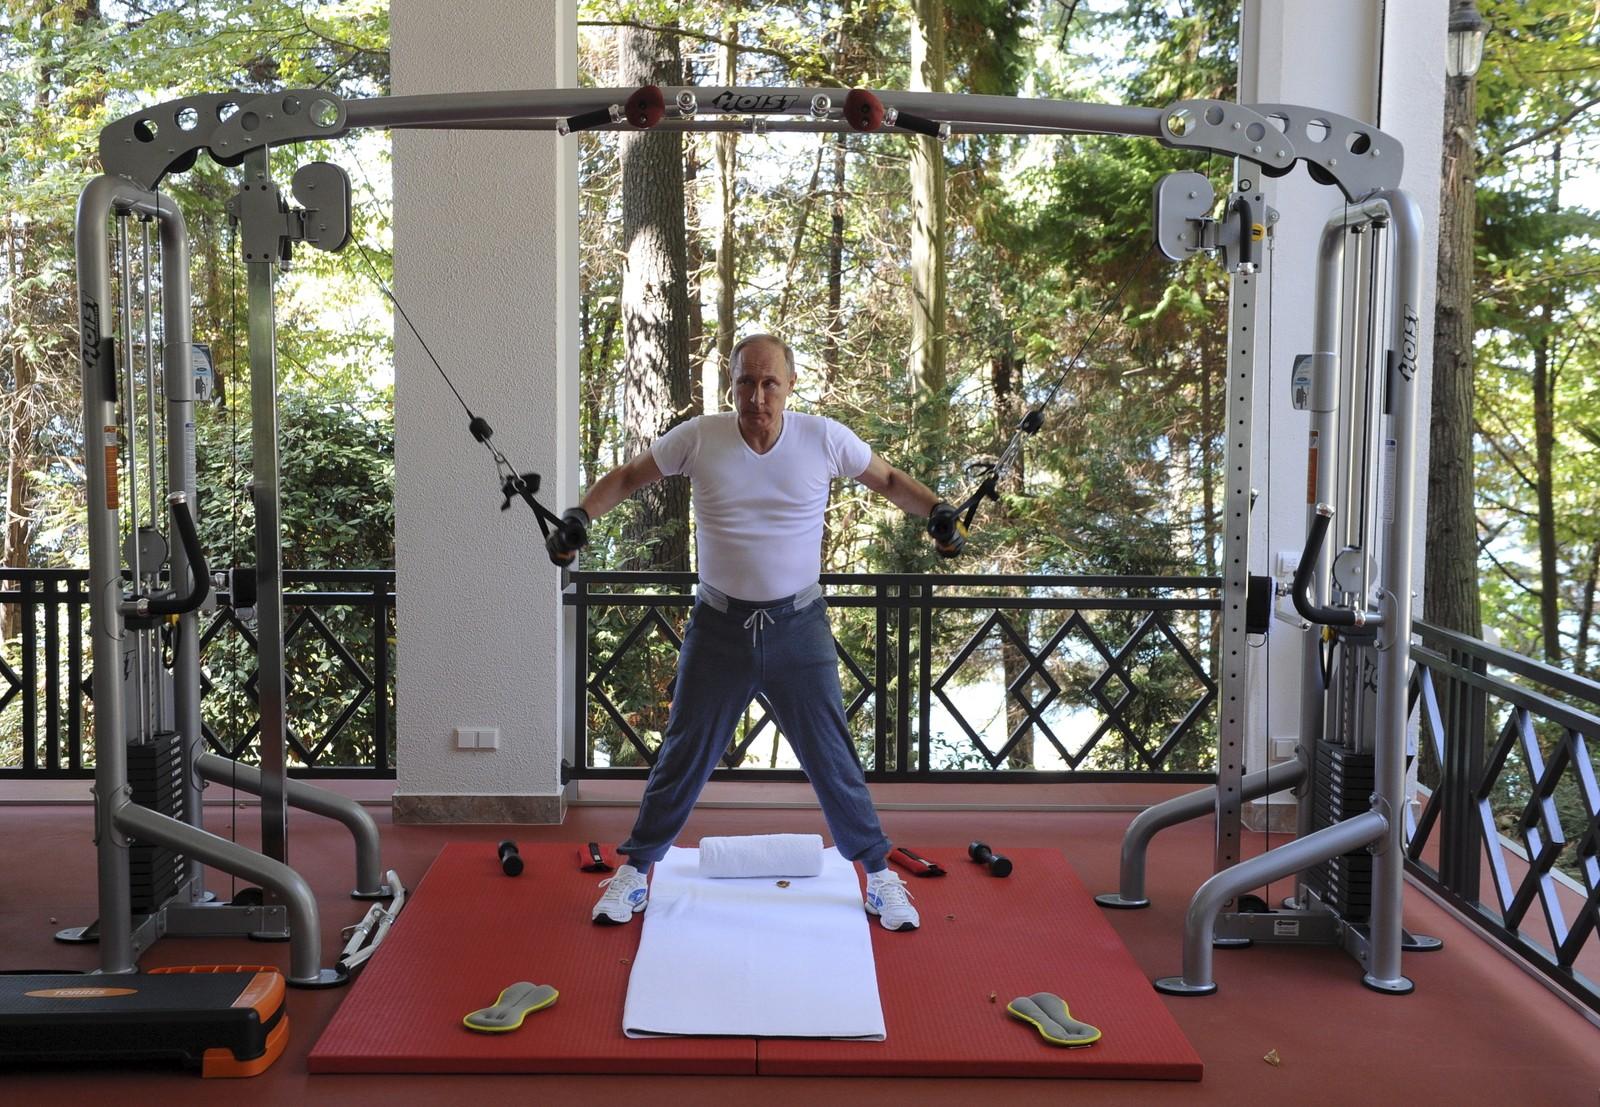 Bildebyråene kunne denne uka tilby over 50 bilder av president Vladimir Putin og statsminister Dmitrij Medvedev på treningsrommet, ved middagsbordet, foran grillen og på en boksekamp i forbindelse med et møte de hadde i nærheten av Sochi. Vi fikk bare plass til ett, og gikk for dette.